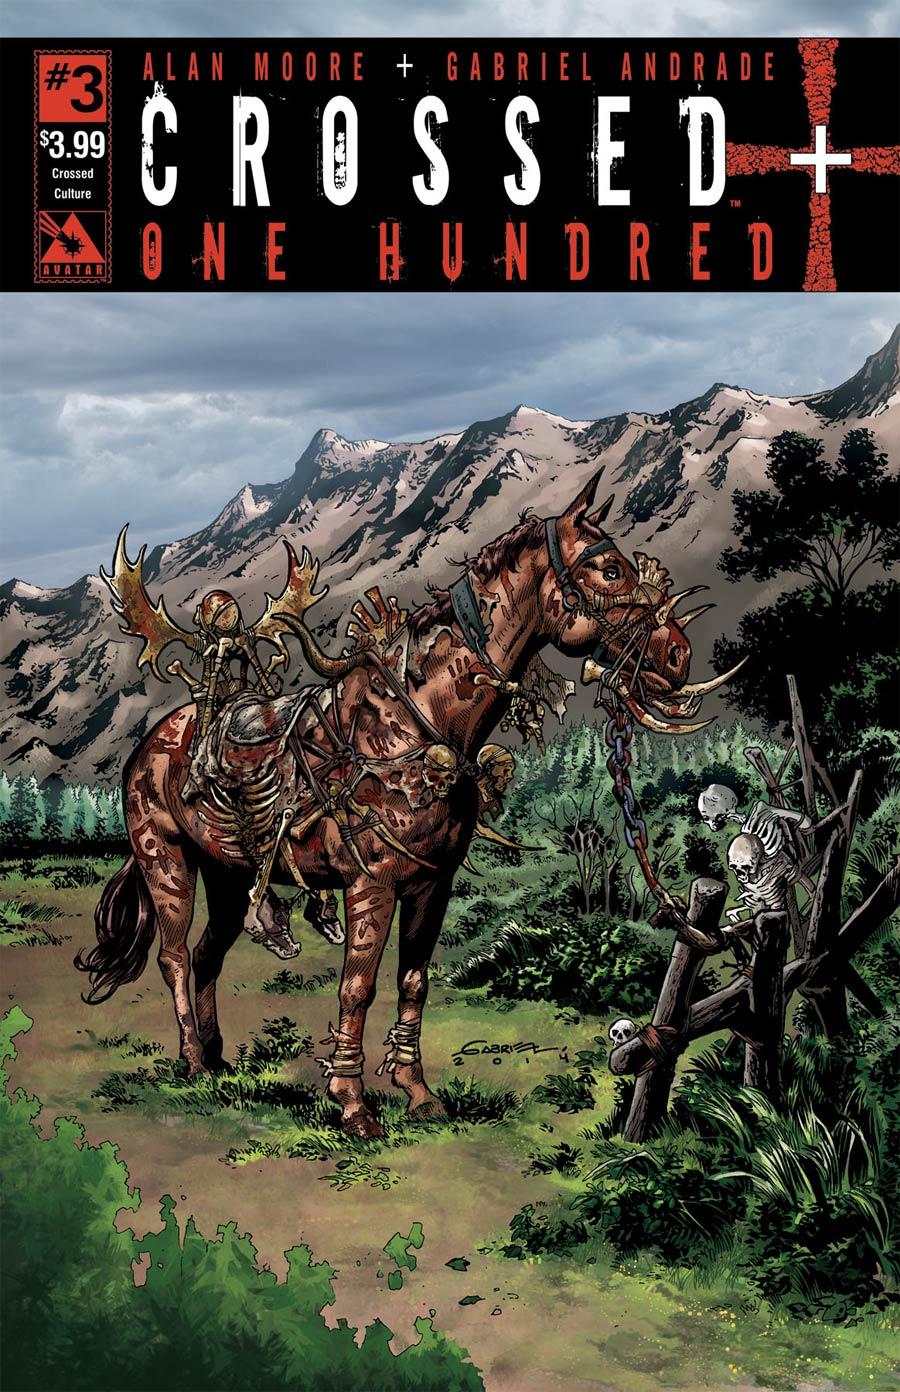 Crossed Plus 100 #3 Cover C Crossed Culture Cover